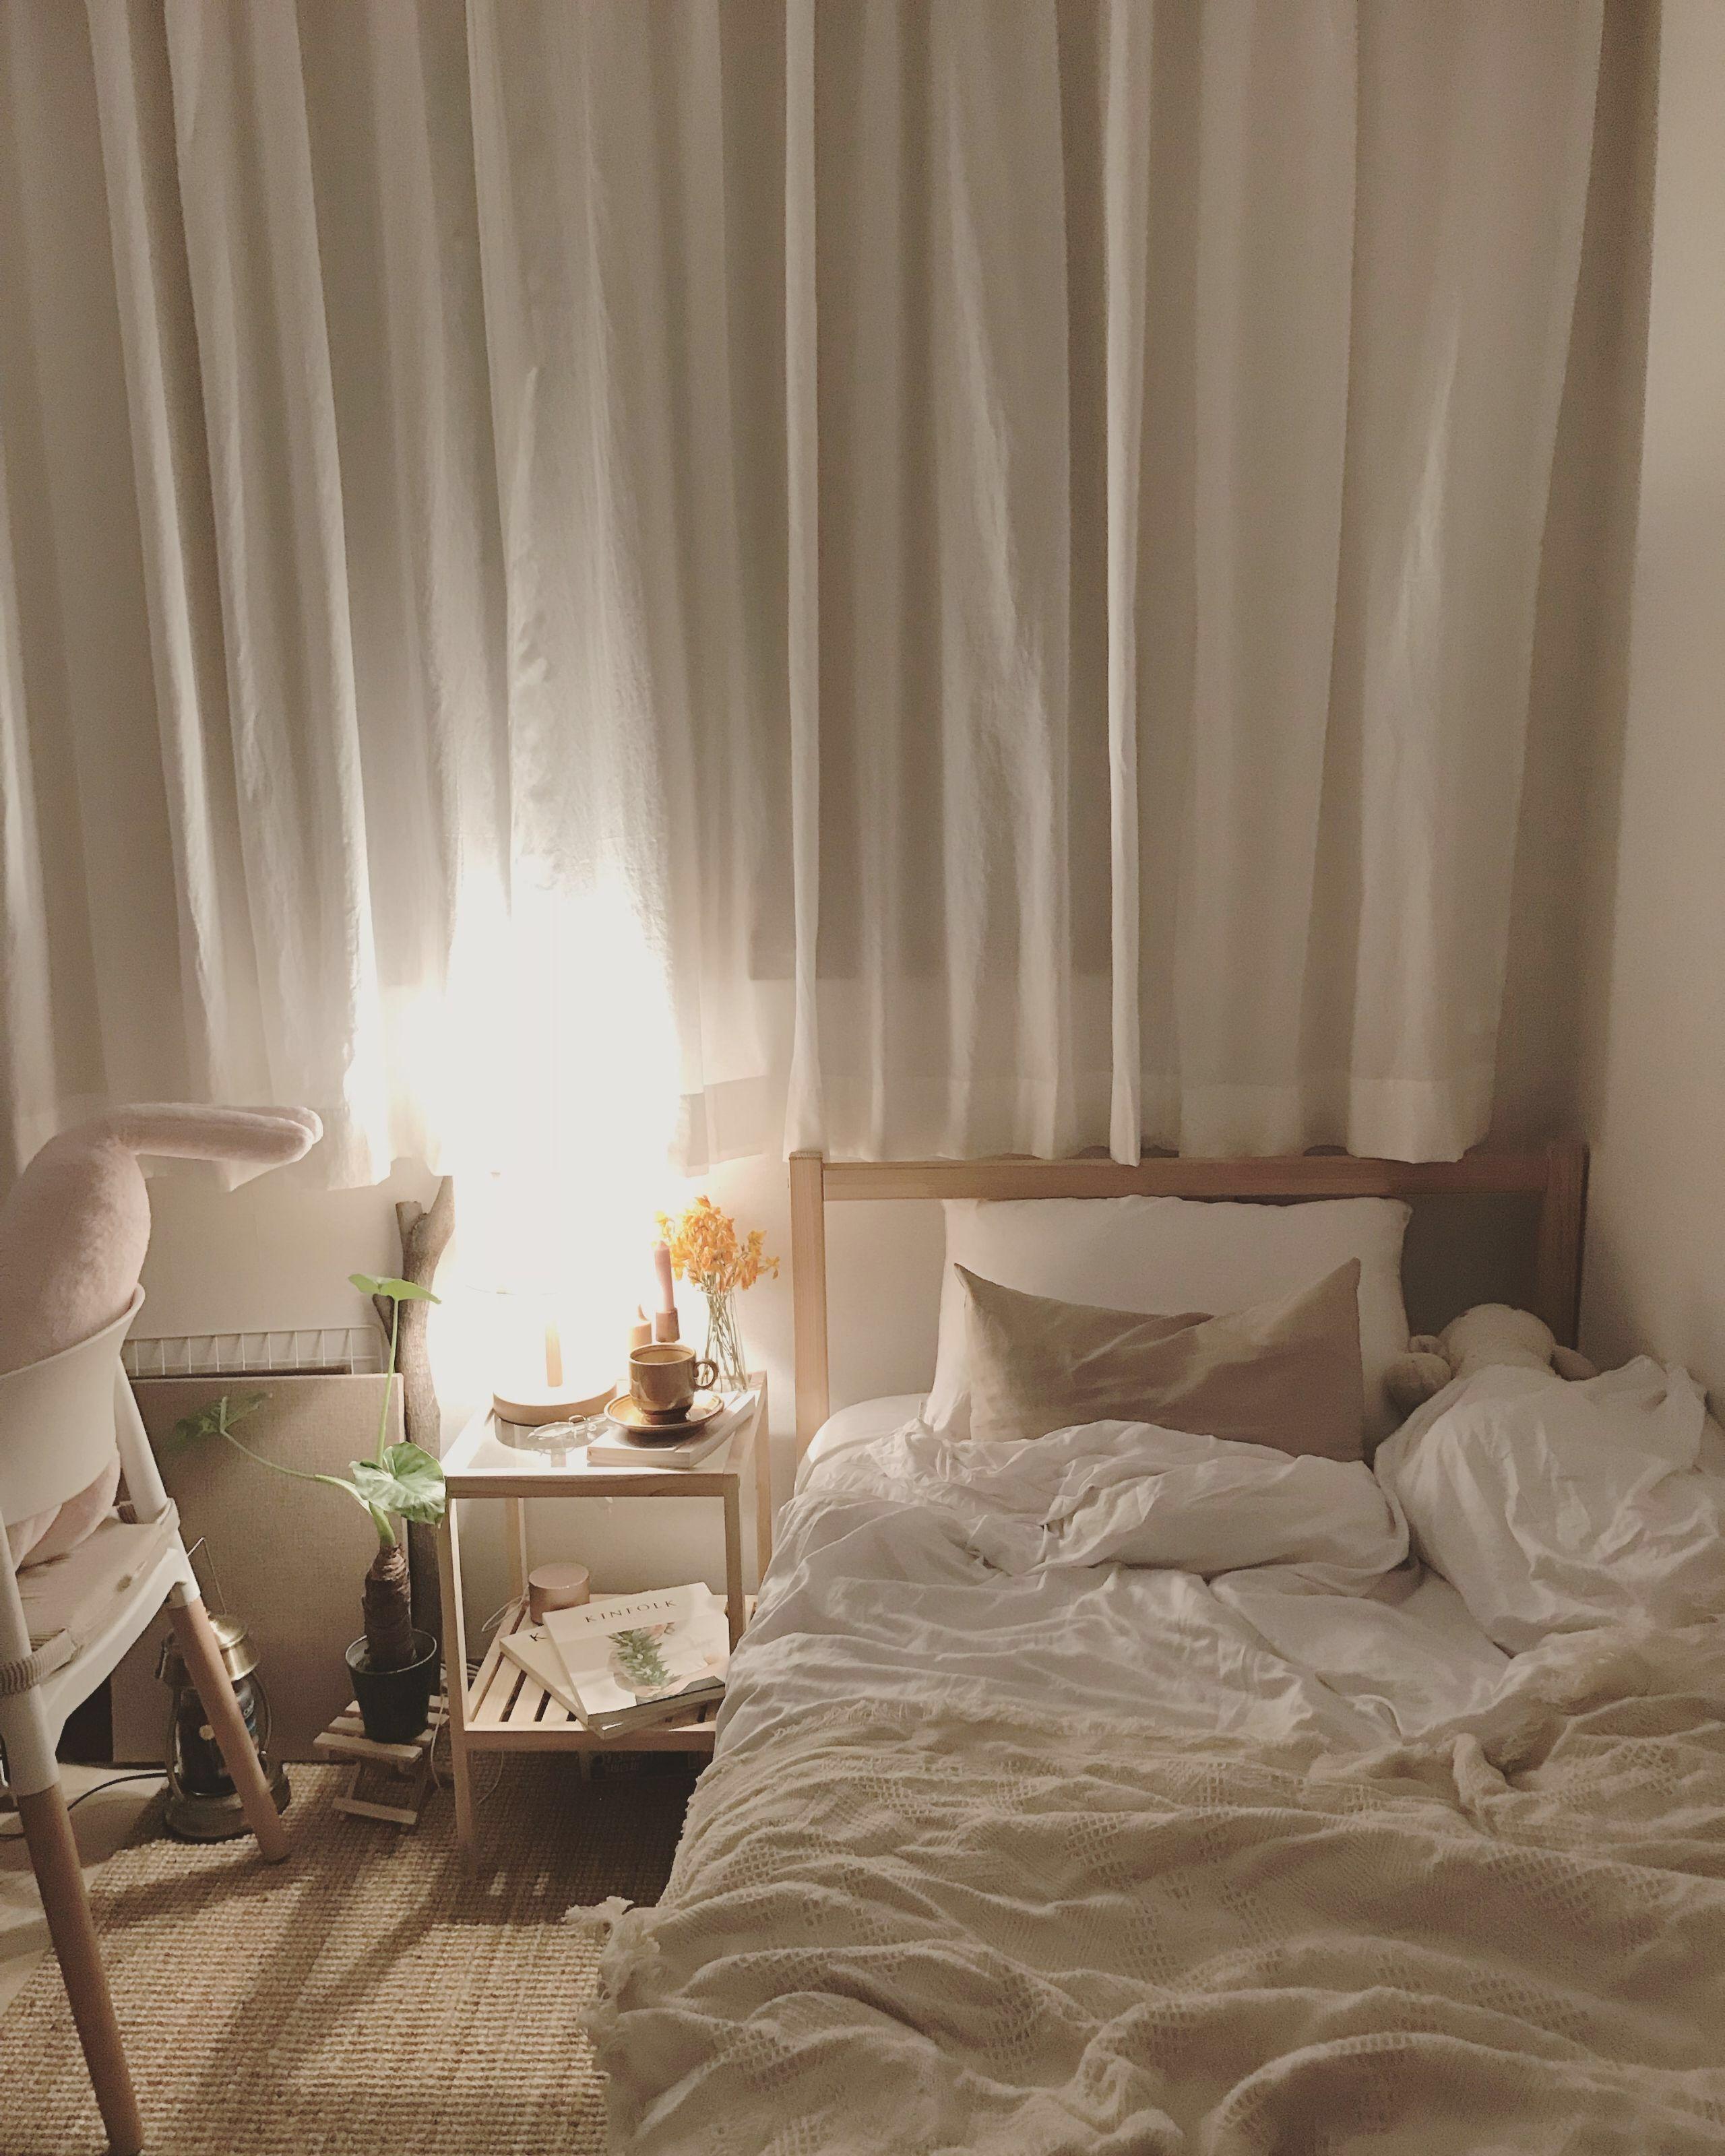 Simple Neutral Modern Bedroom Decor Homedecor Small Room Bedroom Bedroom Design Minimalist Bedroom